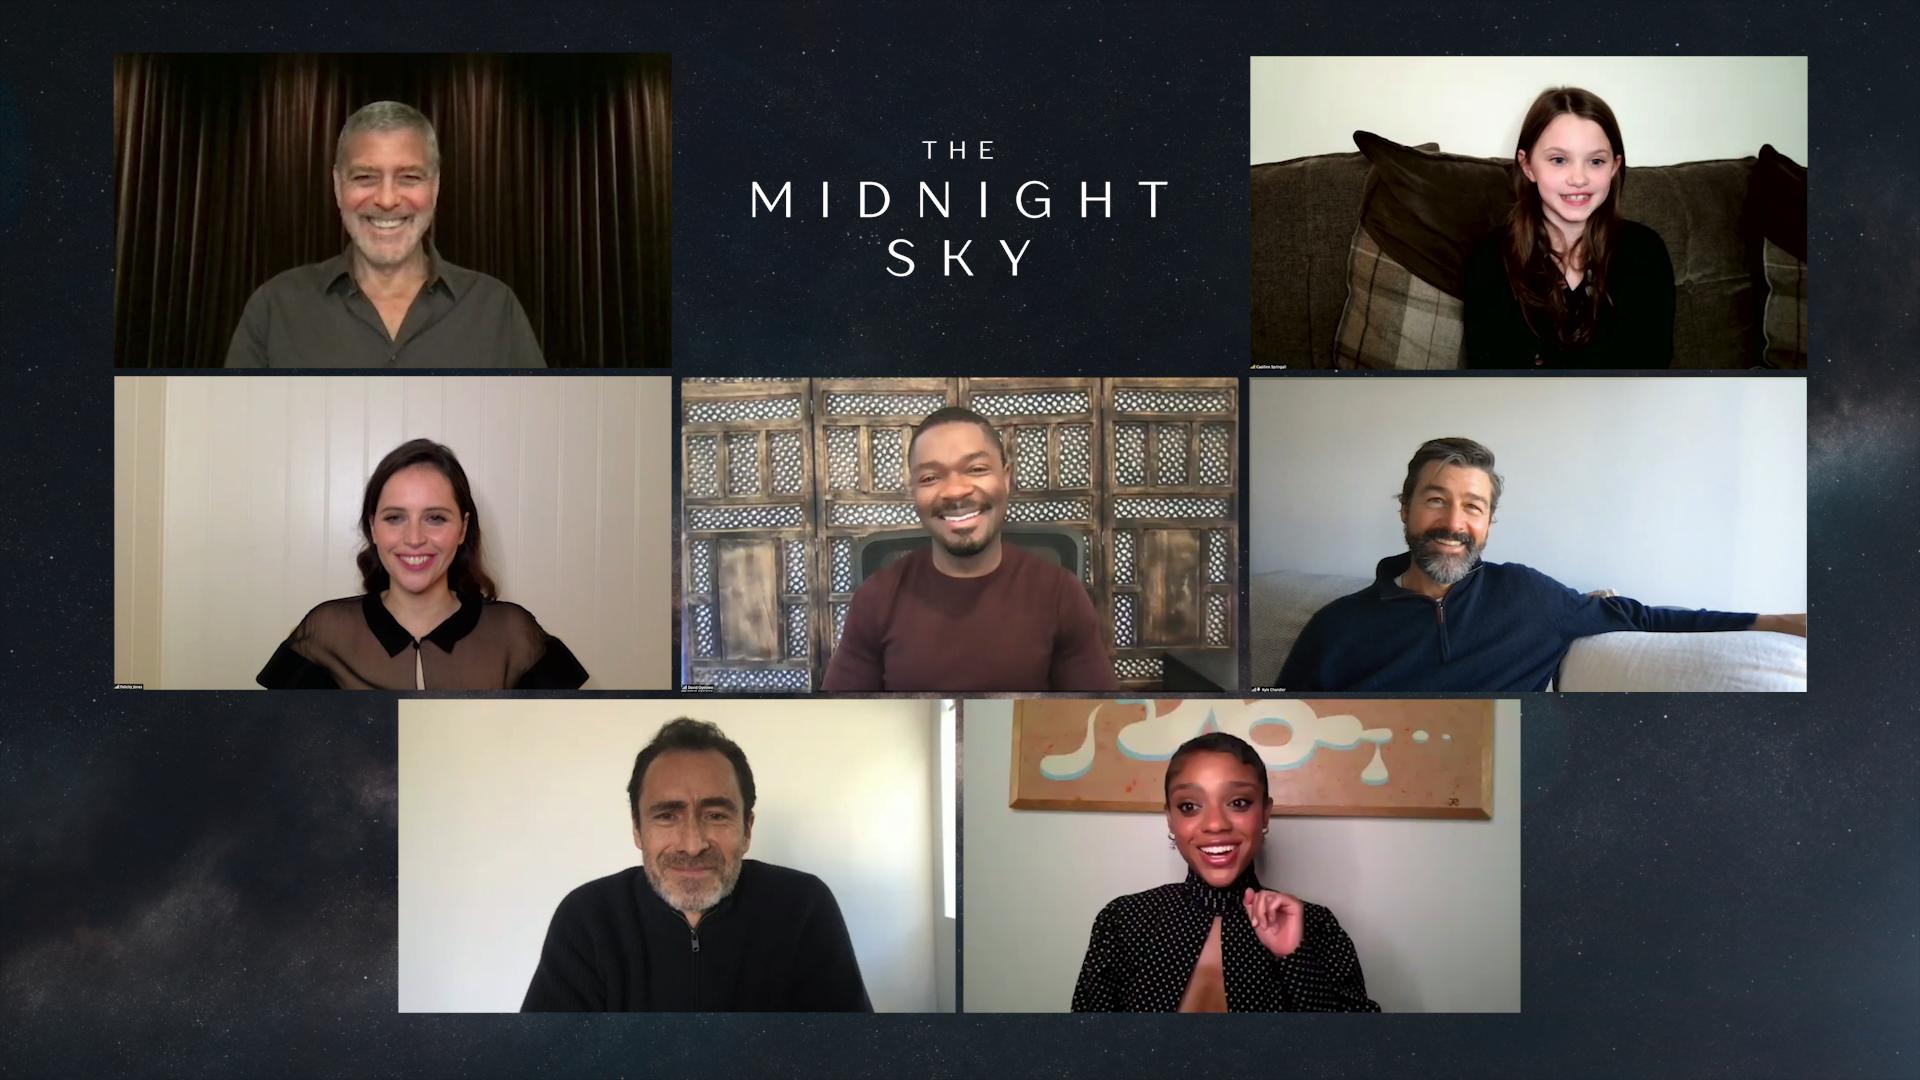 Exclusivo: conferimos O Céu da Meia-Noite, filme dirigido e estrelado por George Clooney